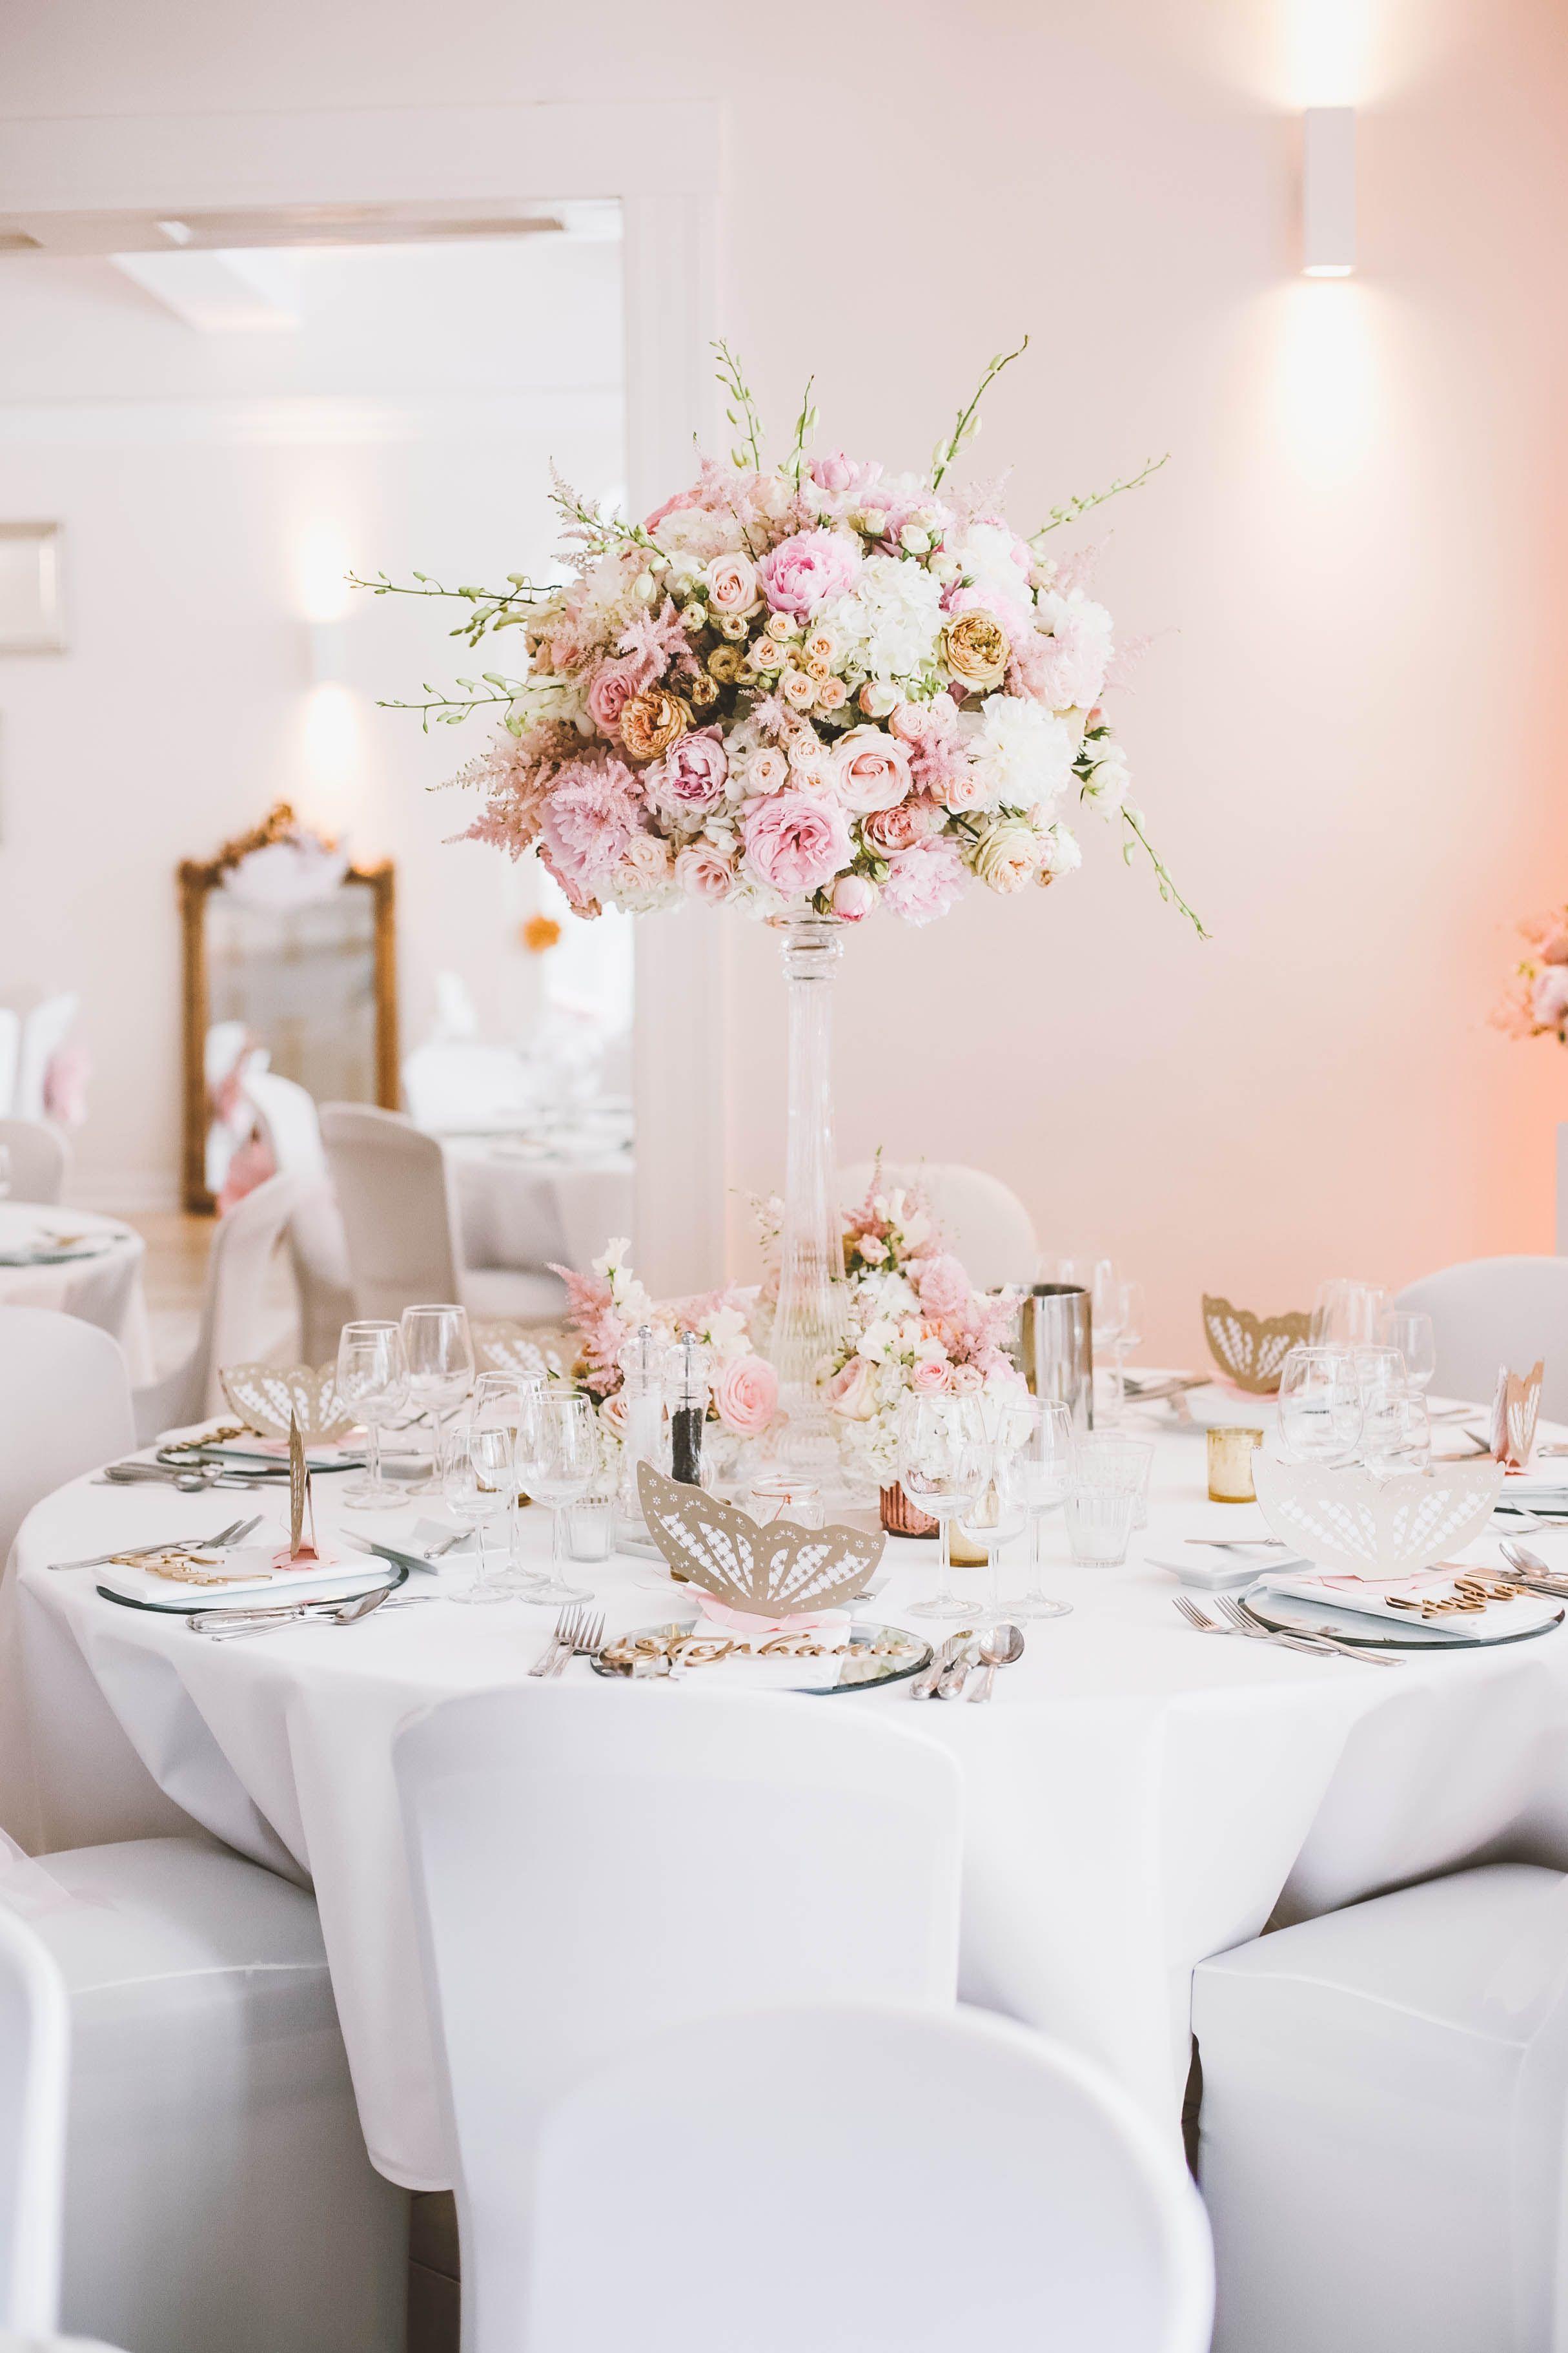 Sweet Table Fur Hochzeit In Rosa Und Gold Hochzeit Deko Tisch Tischdekoration Hochzeit Tischdeko Hochzeit